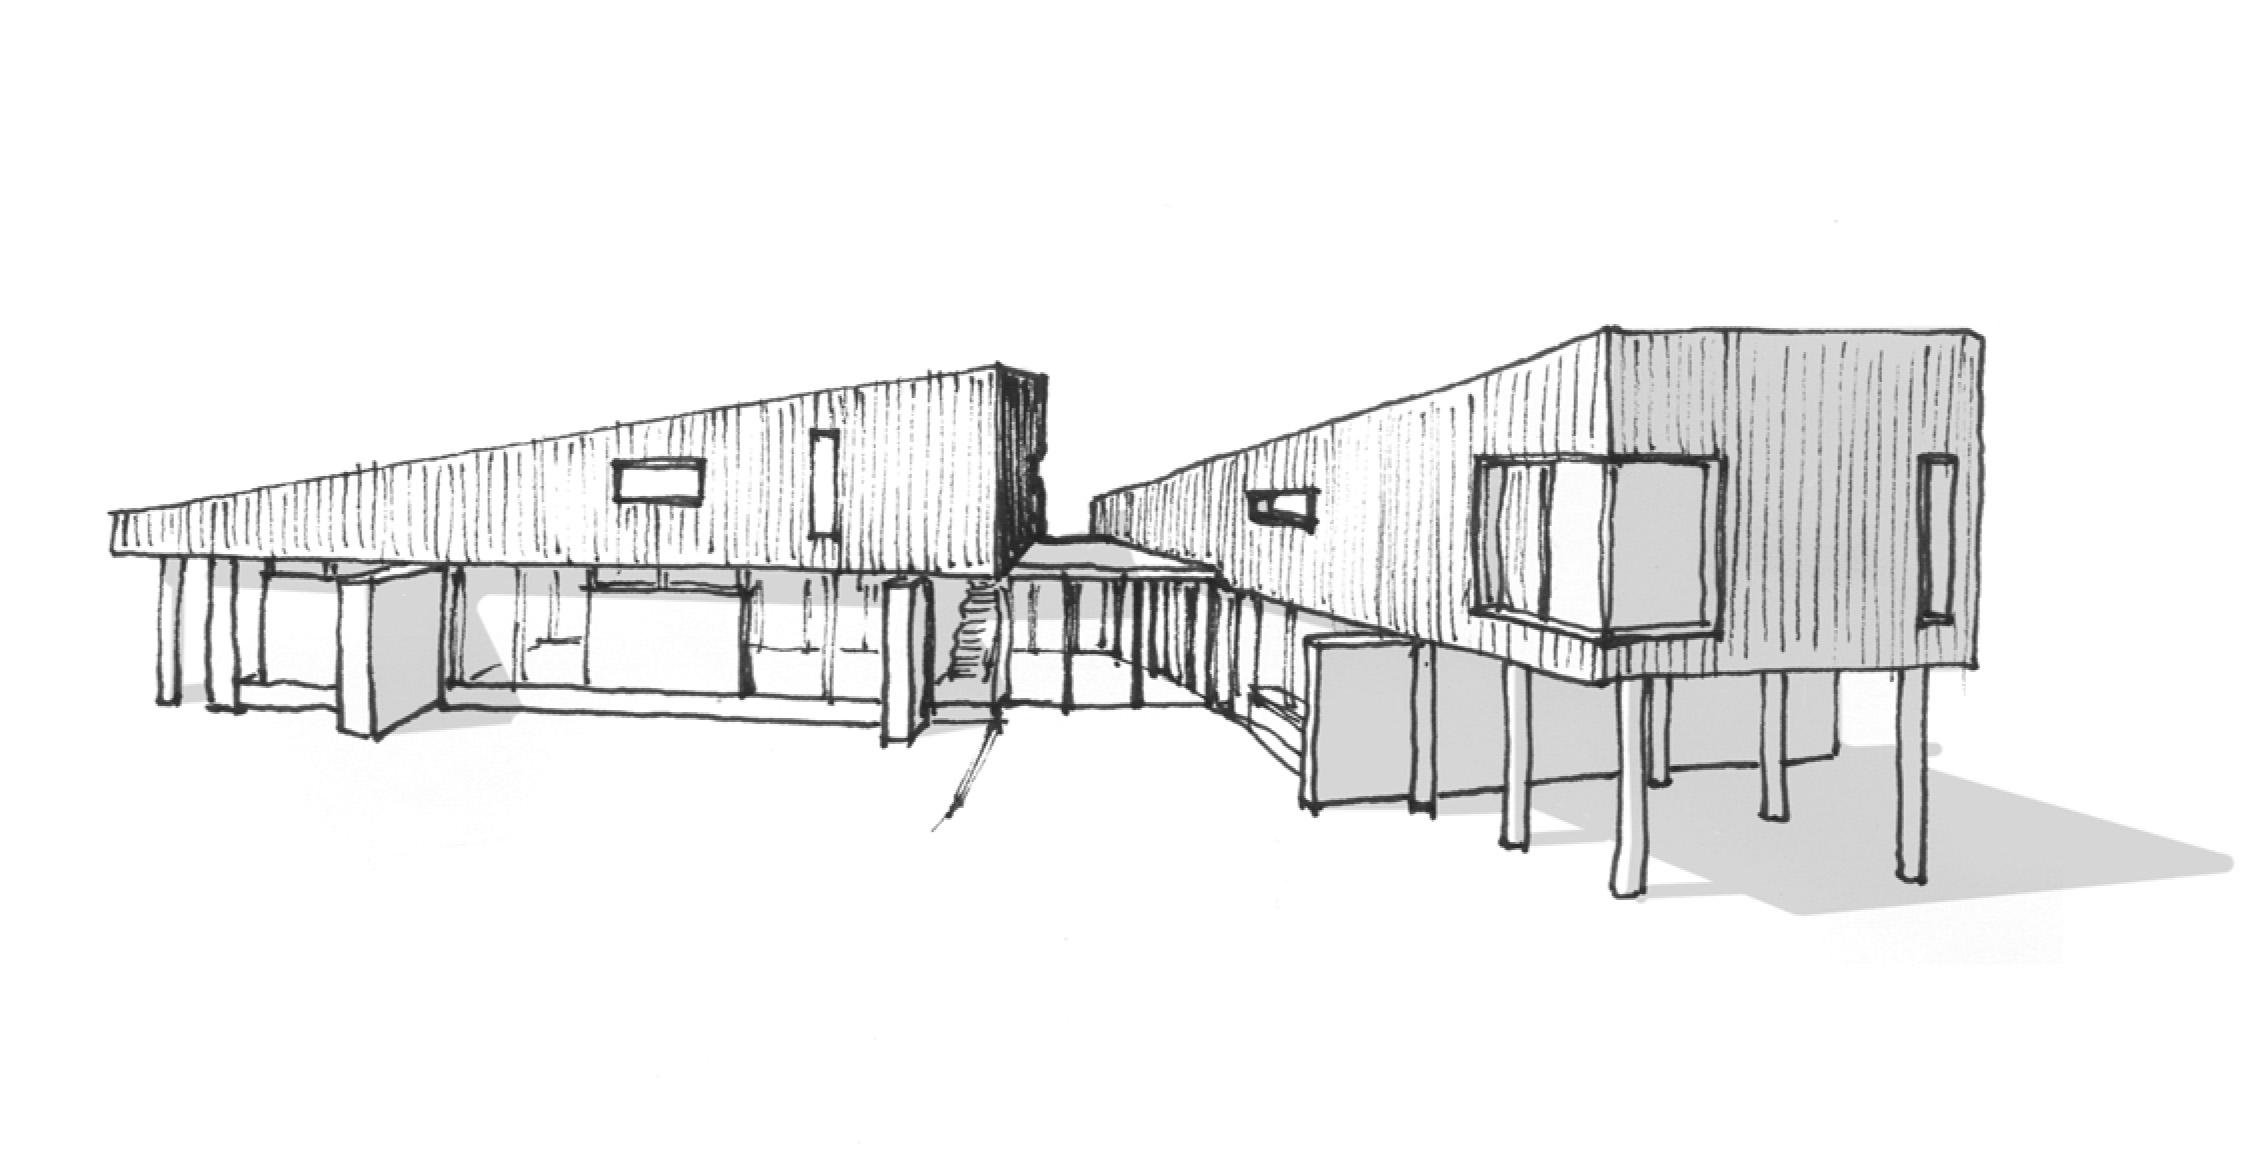 Sketch design 2